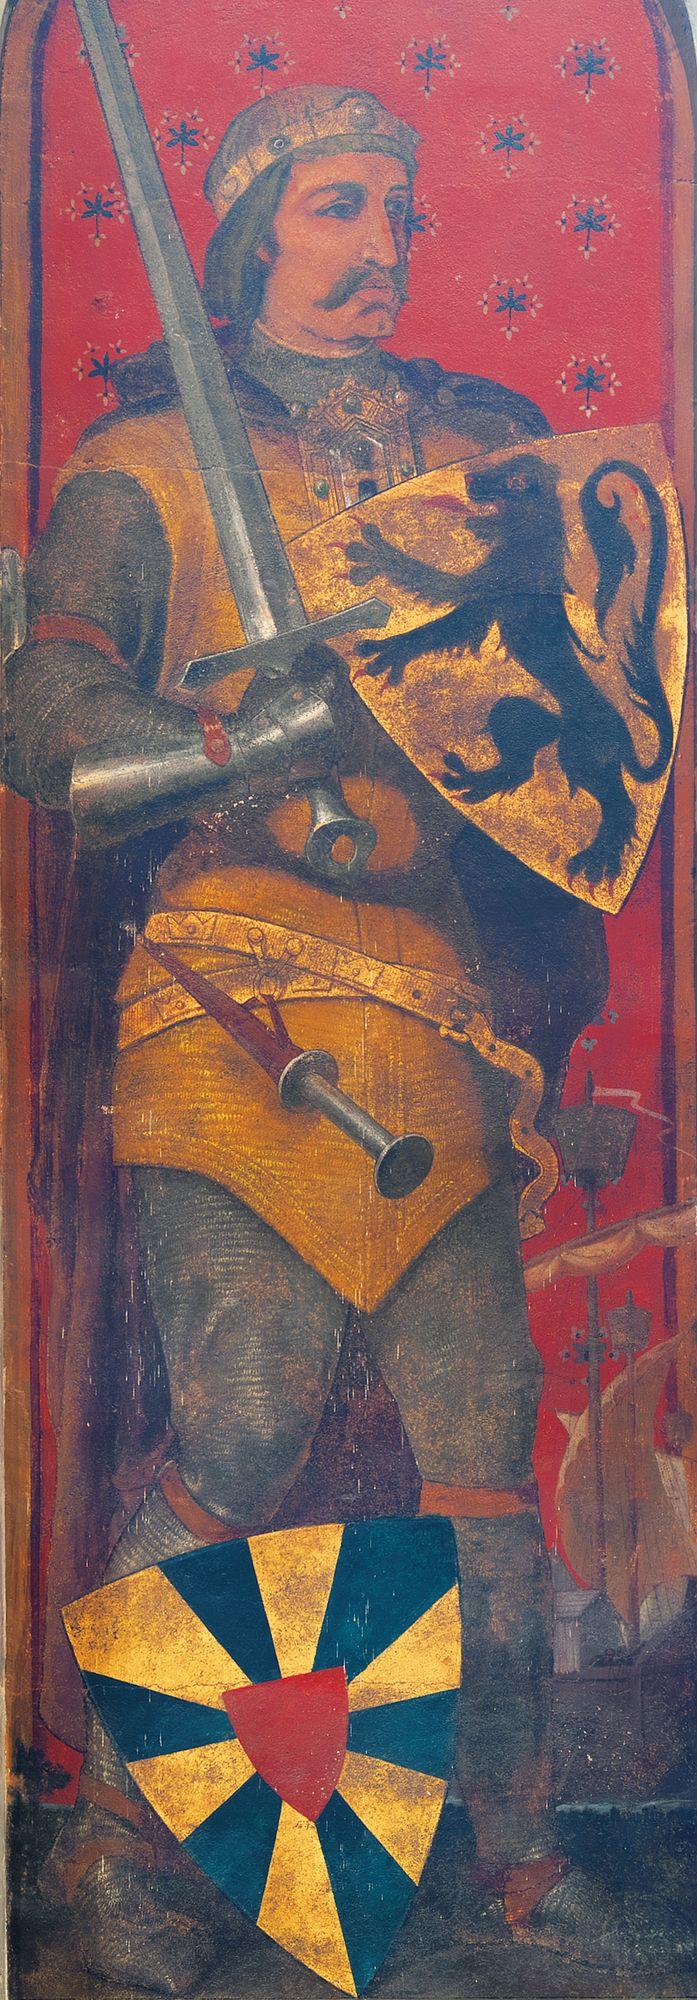 1168 - 1191 Filips van de Elzas